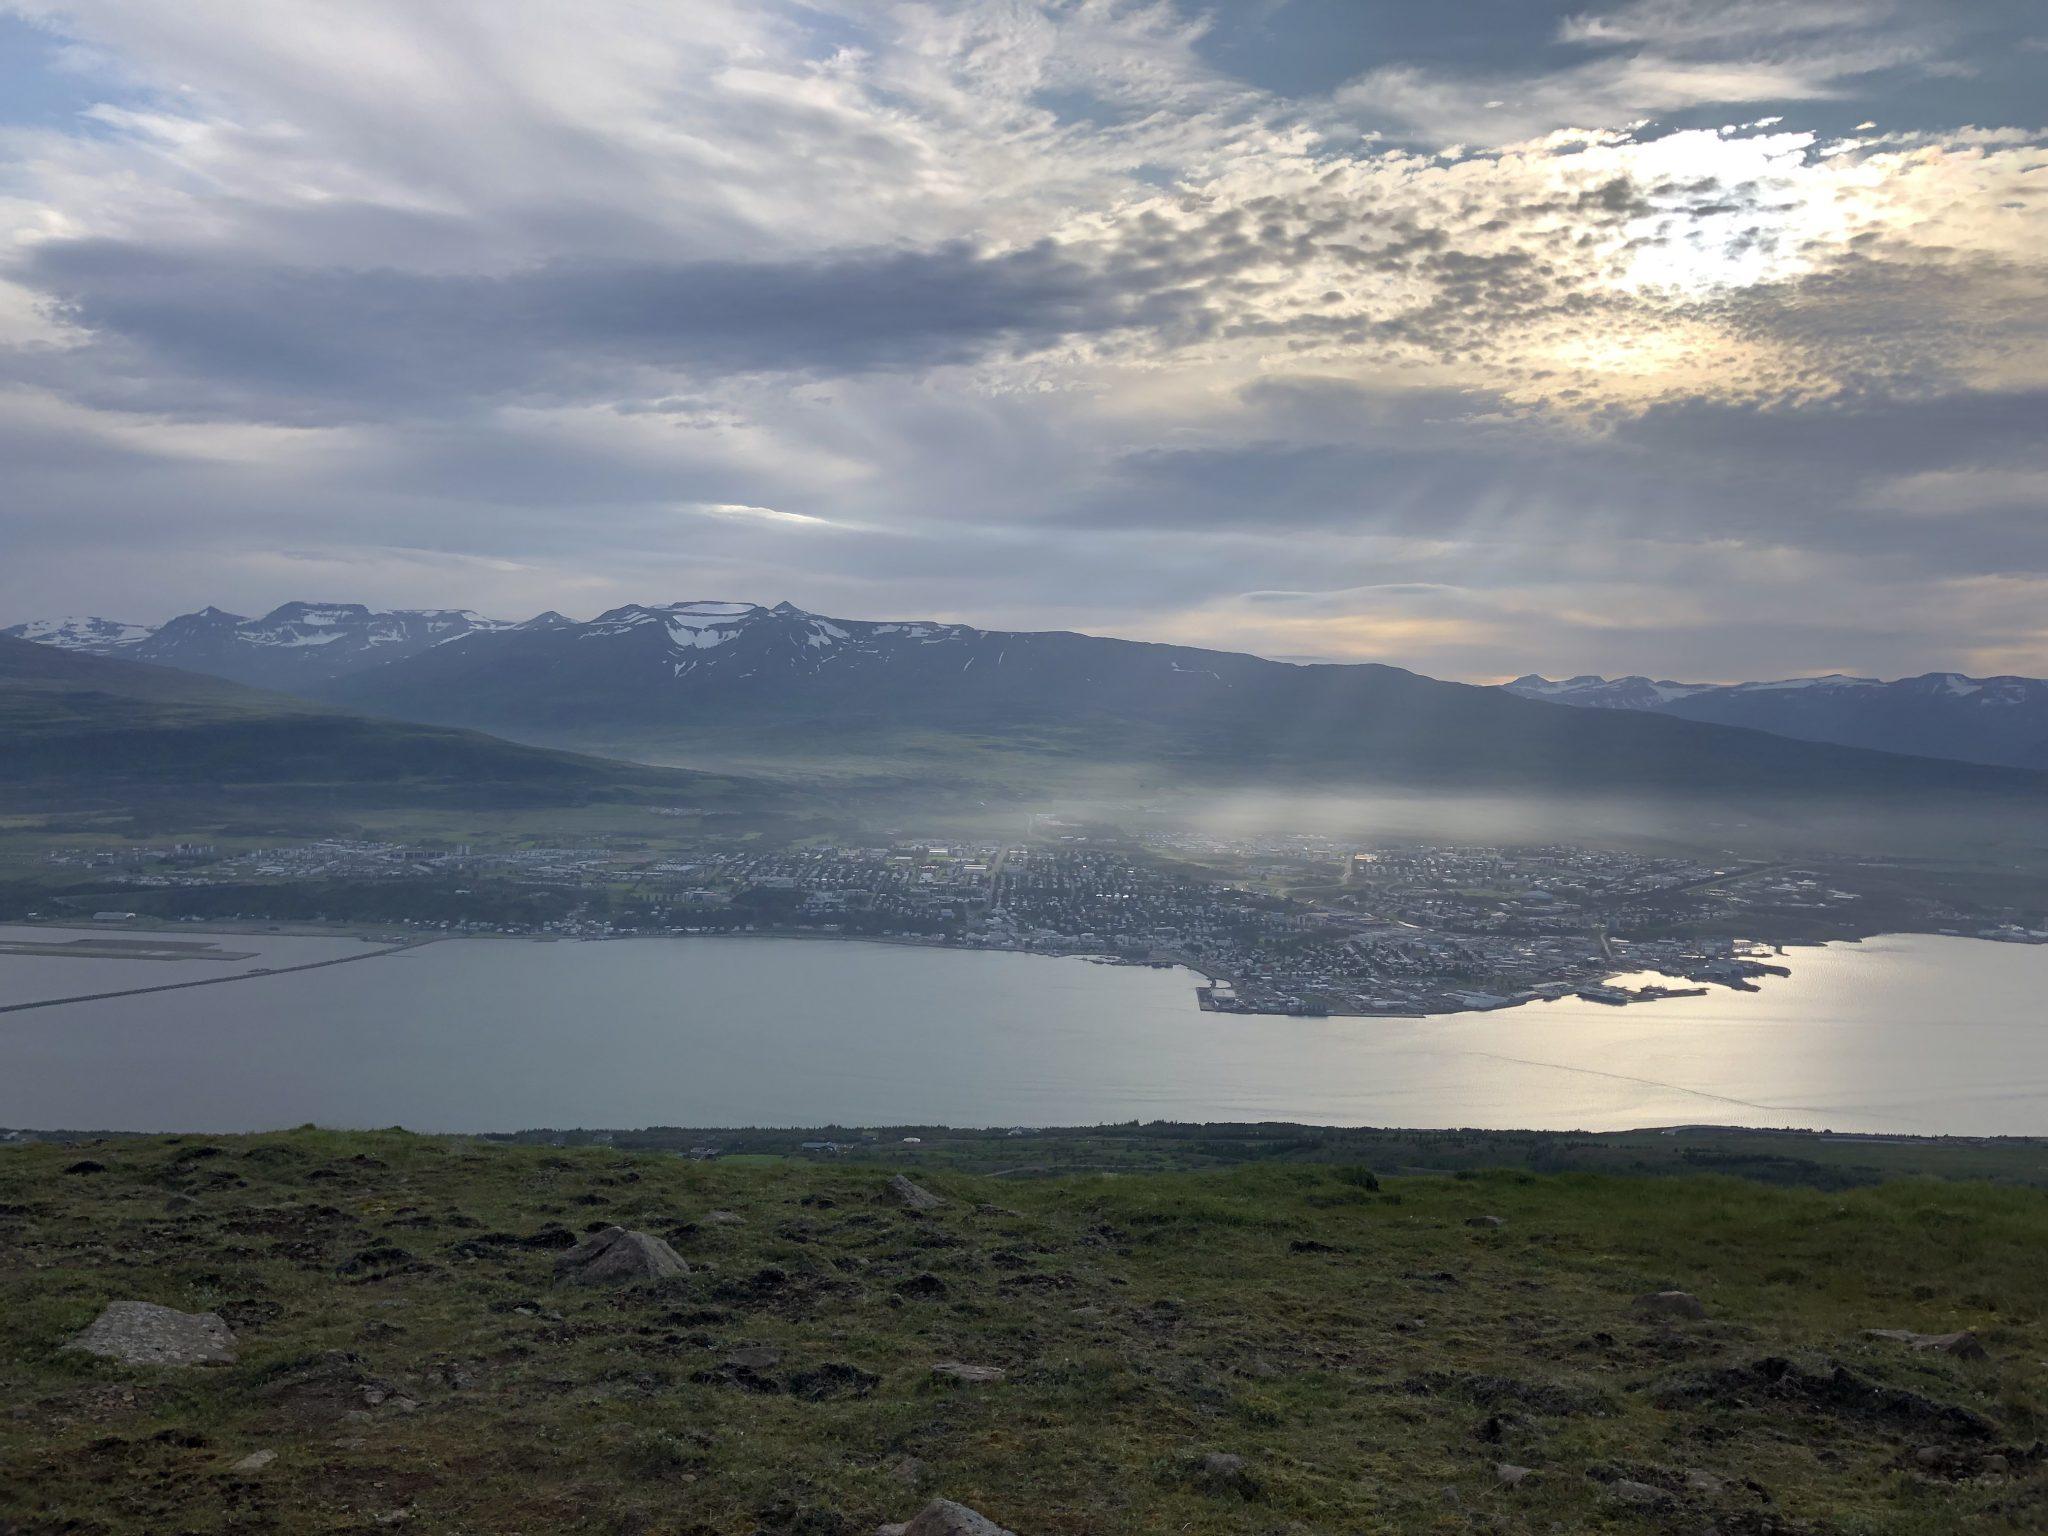 Vinsælustu fjallgönguleiðirnar í nágrenni Akureyrar